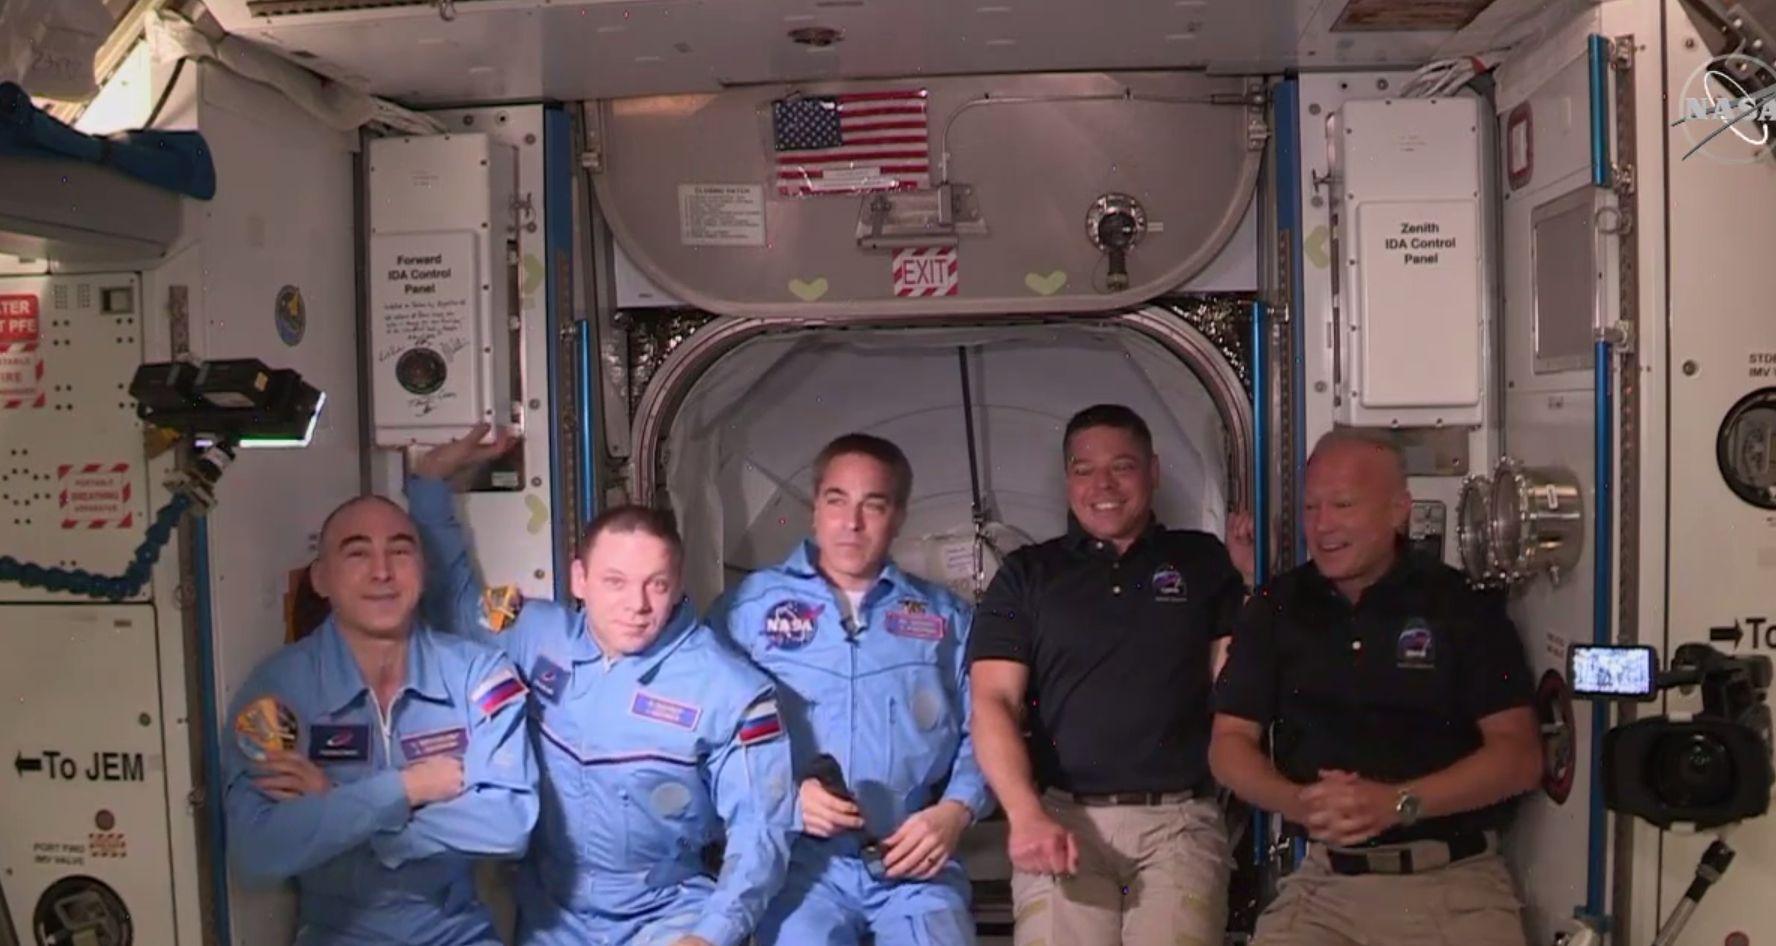 Астронавтите Дъг Хърли и Робърт Бенкен бяха посрещнати от екипажа на експедиция 63